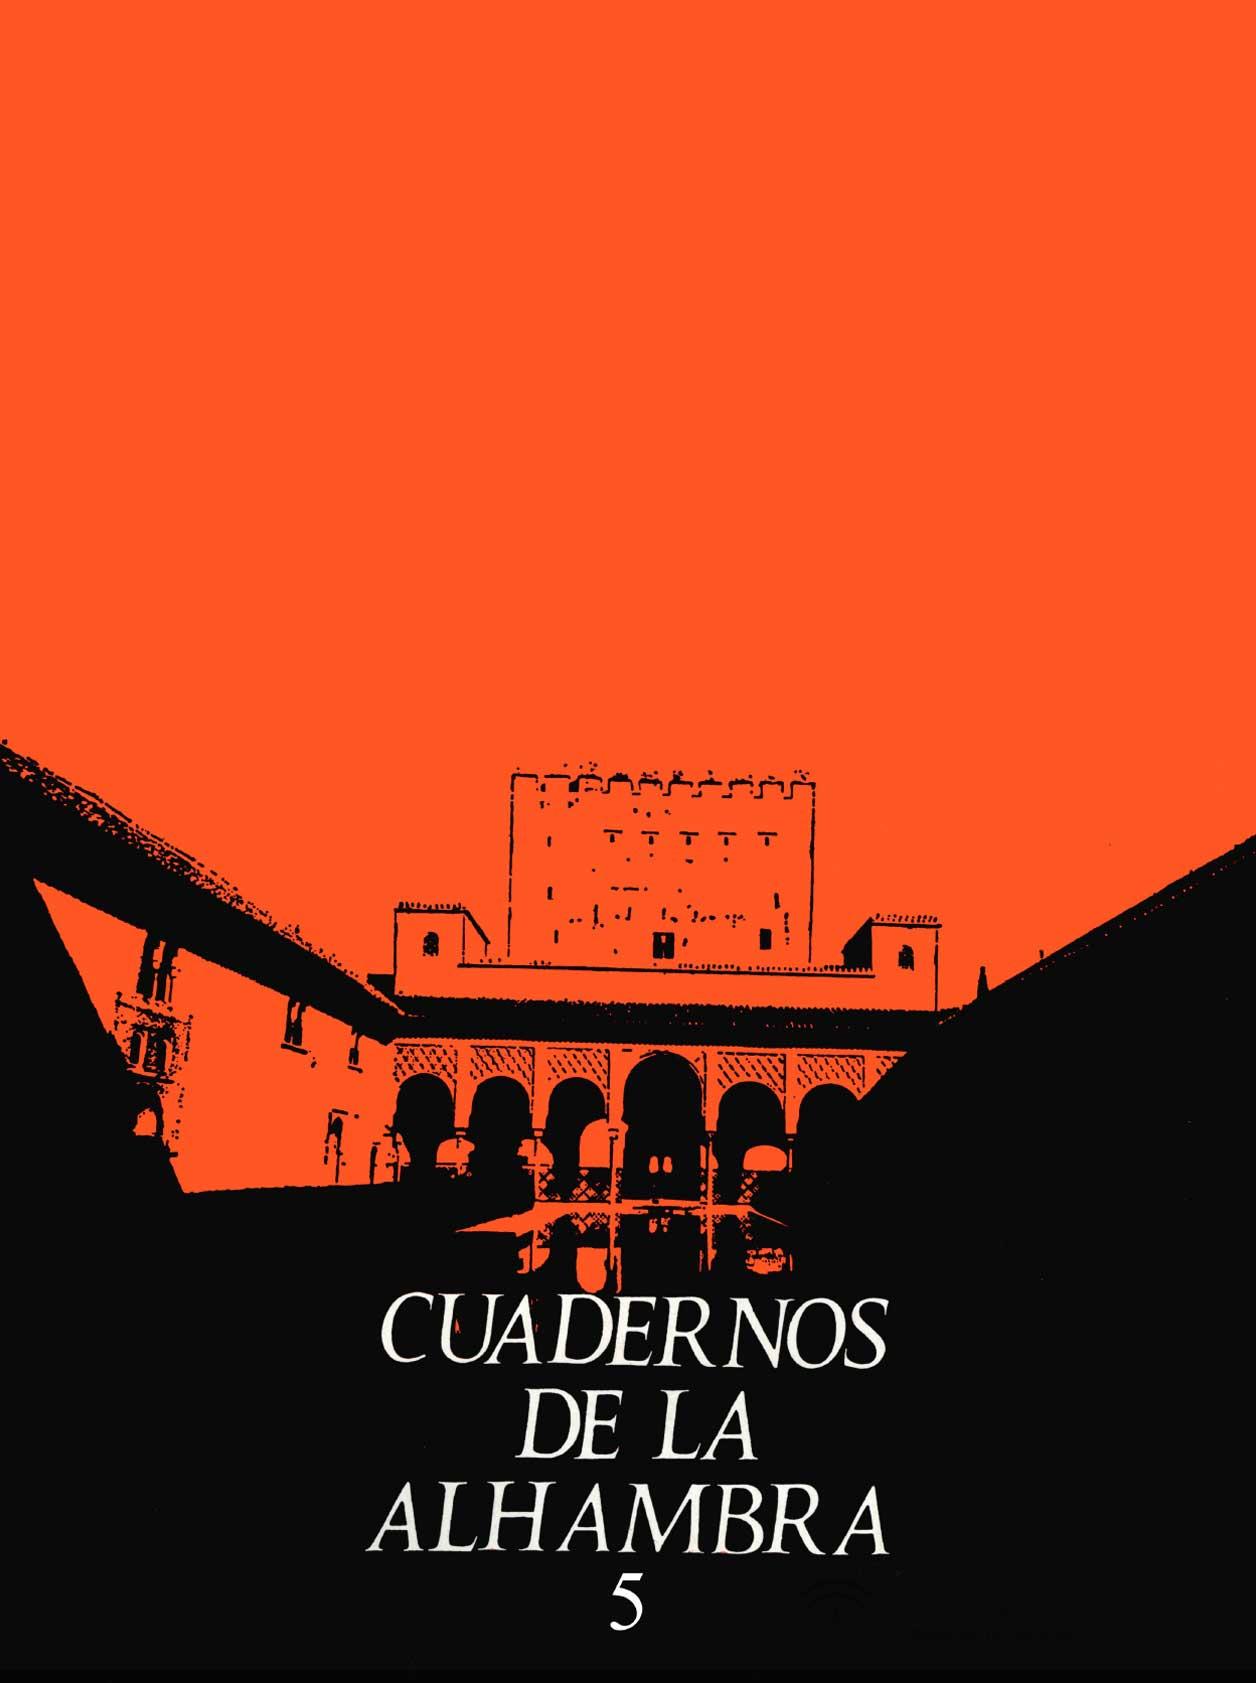 Portada del número 05 de Cuadernos de la Alhambra